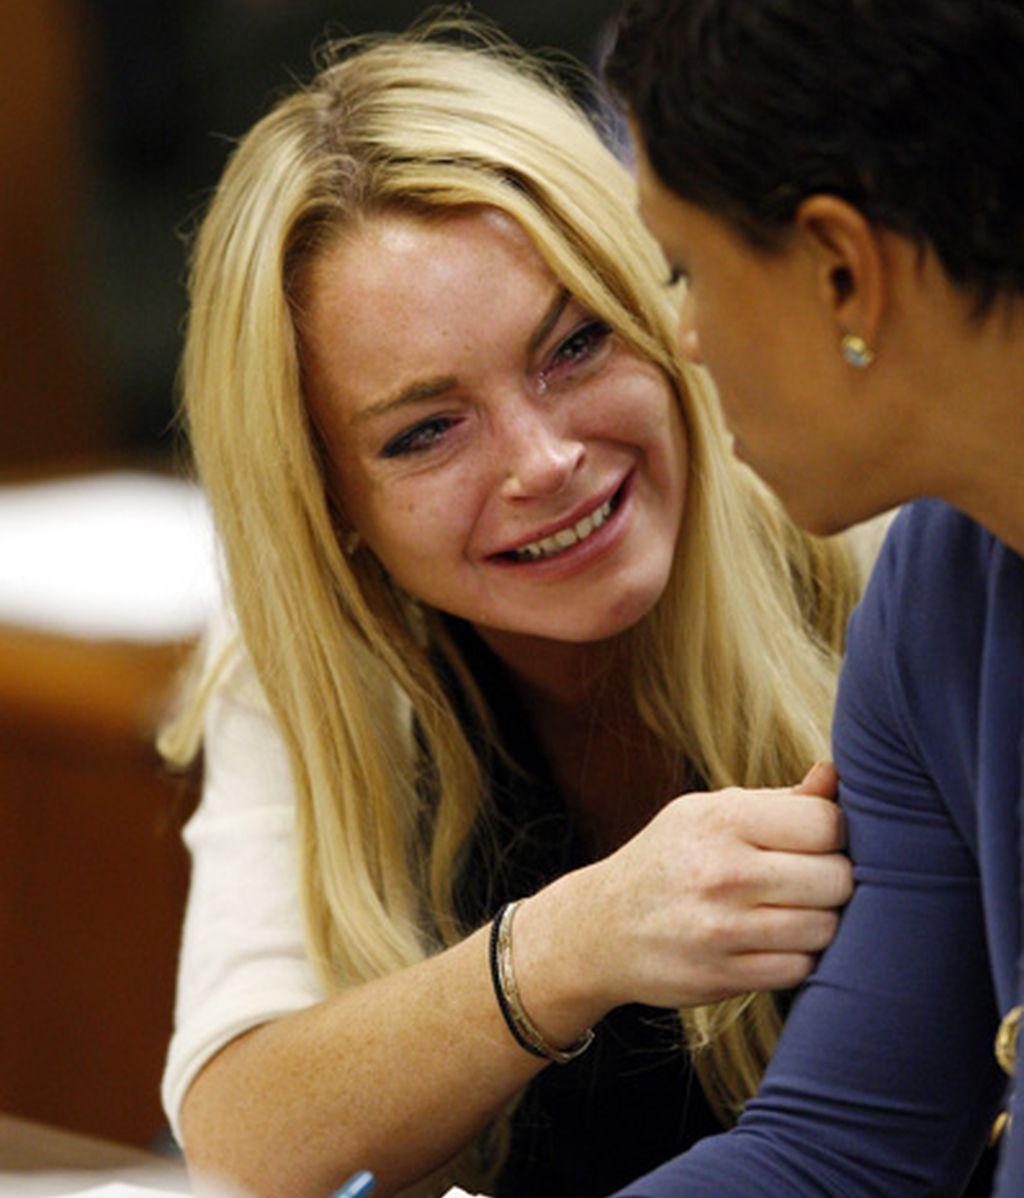 La reacción de Lindsay Lohan al ser condenada a prisión